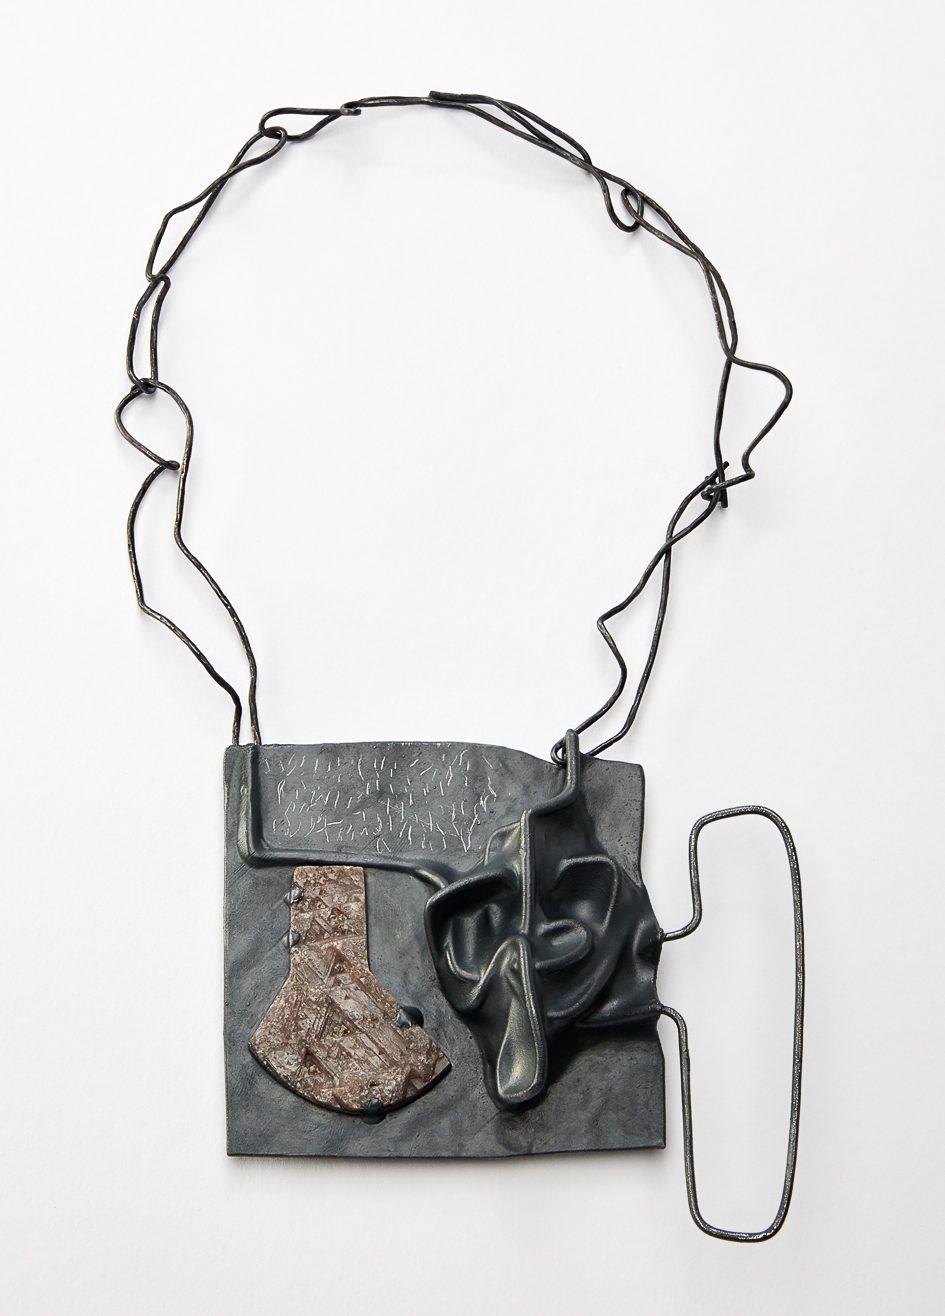 Iris Bodemer, Sound 1, halssieraad, 2019. Foto Nicole Eberwein, zilver, saffier, thermoplast